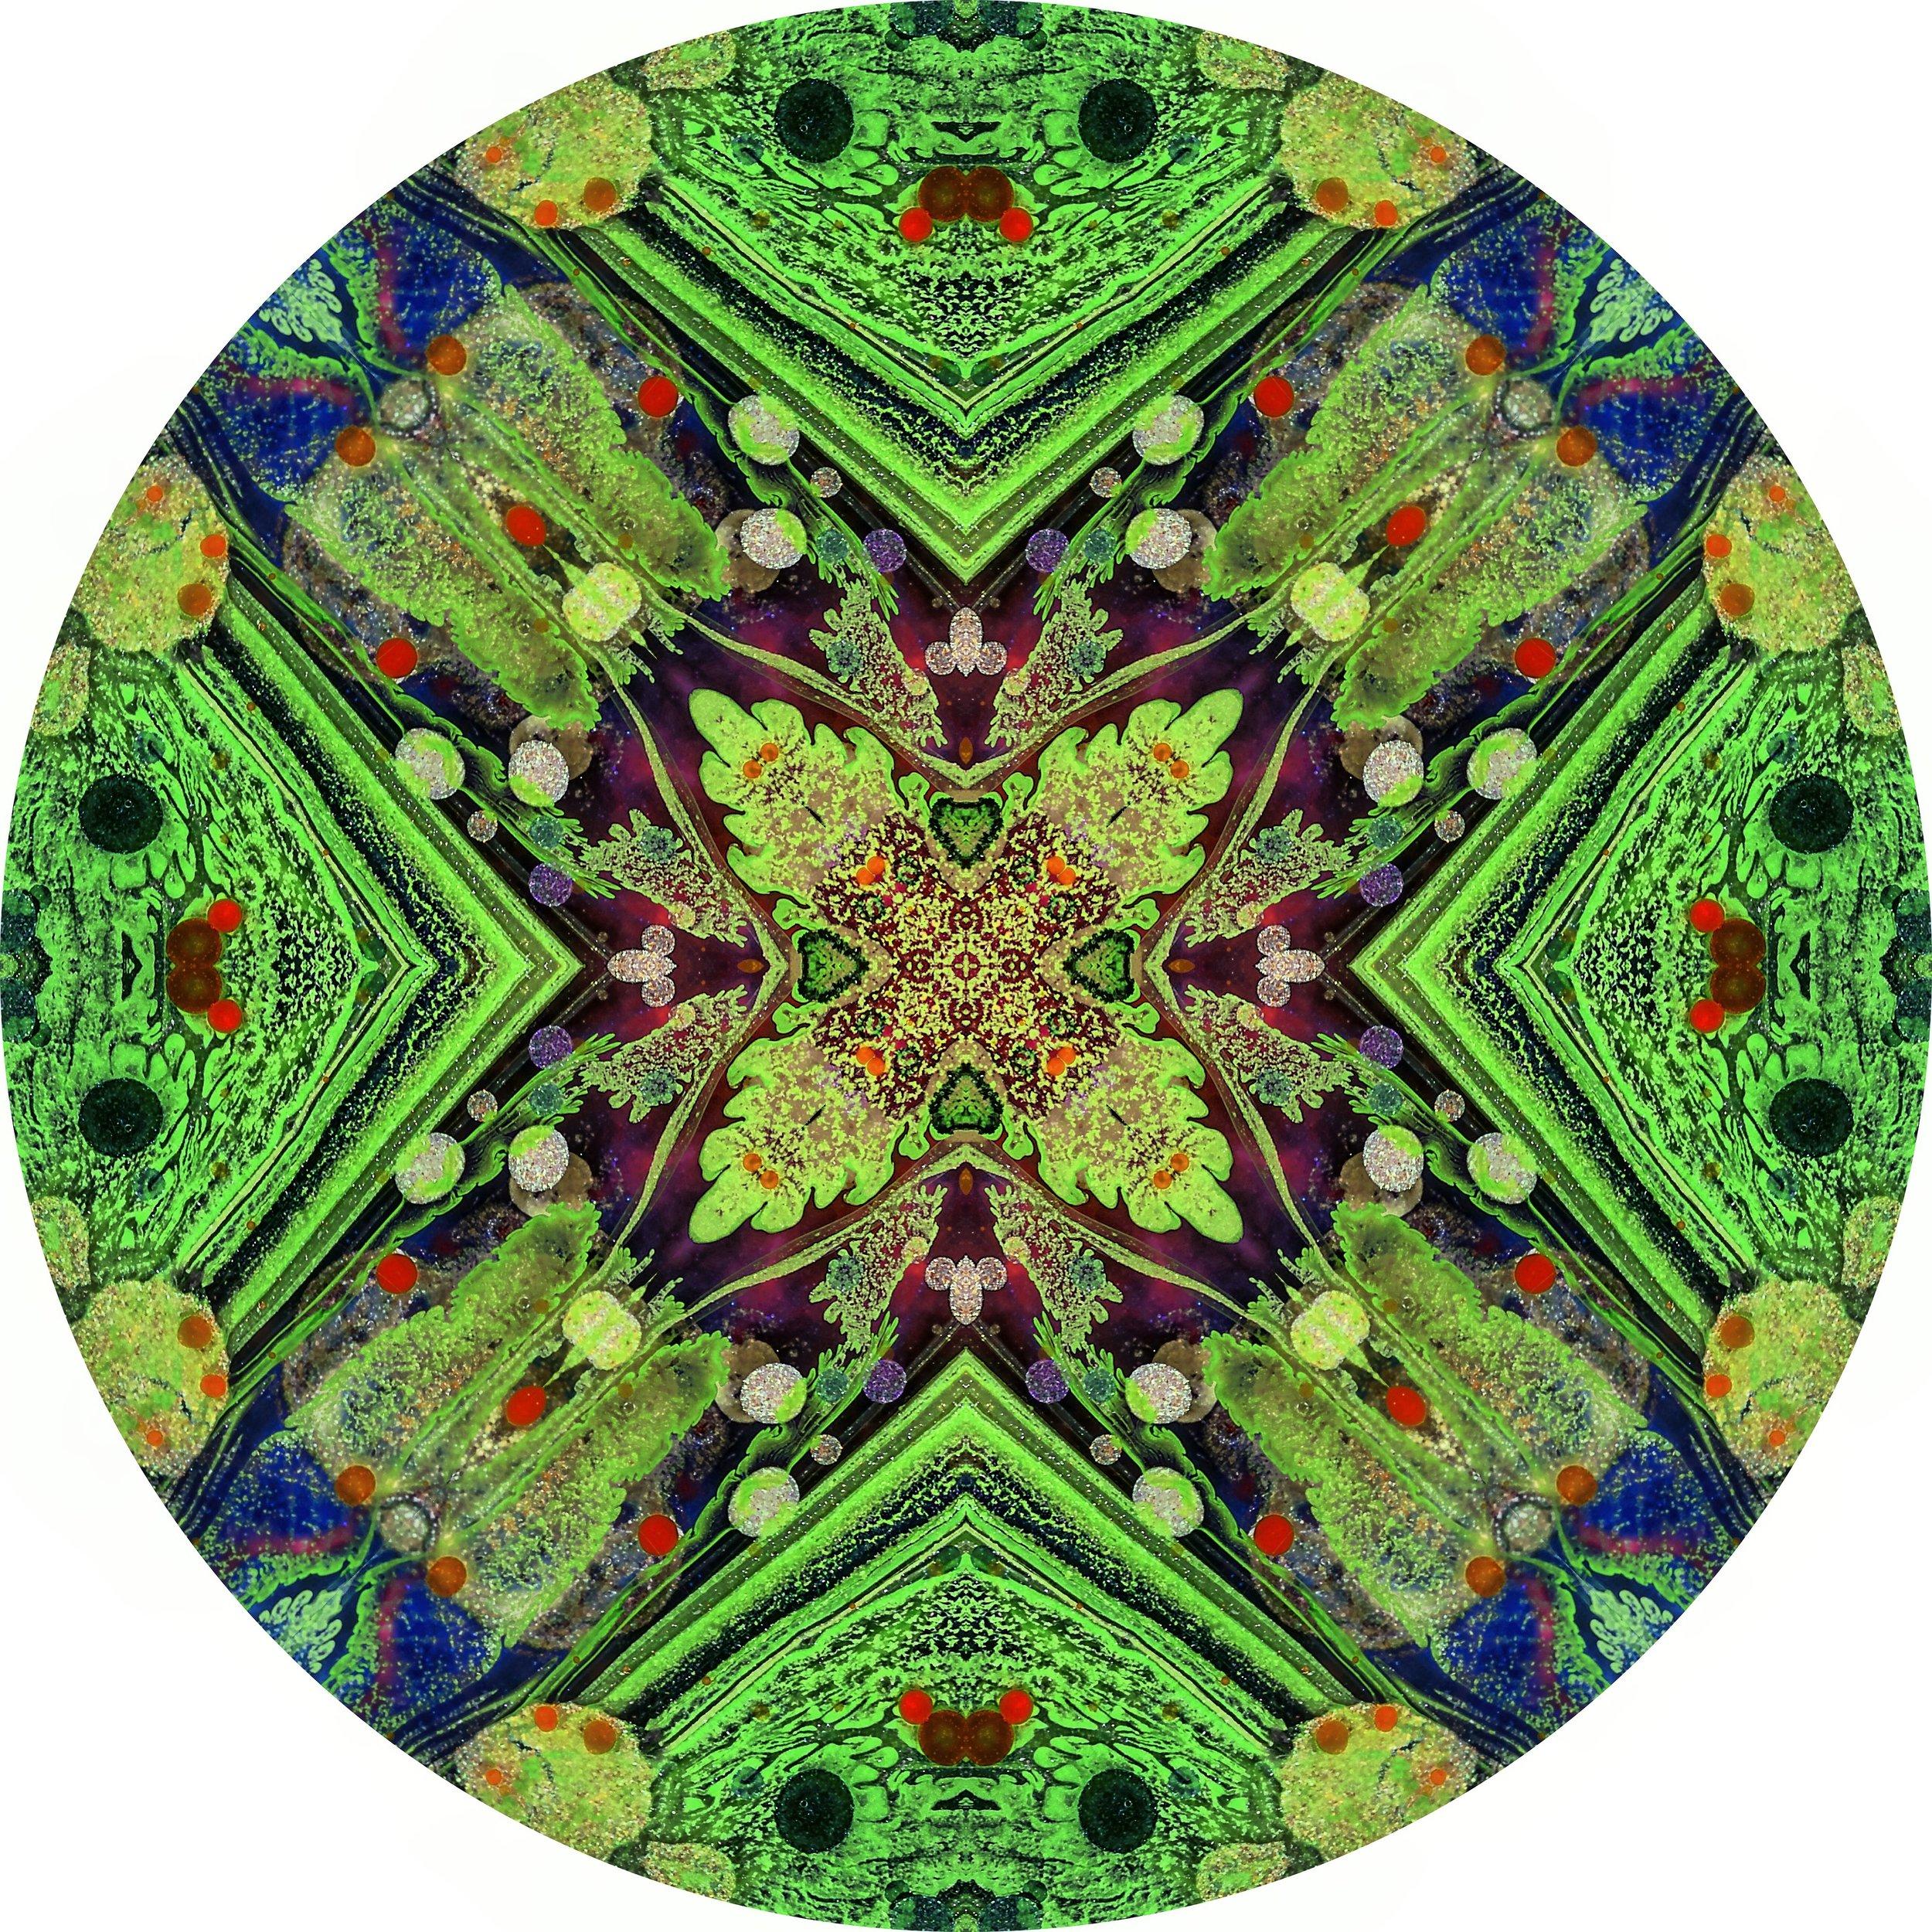 Green Galaxy #A 2.JPG